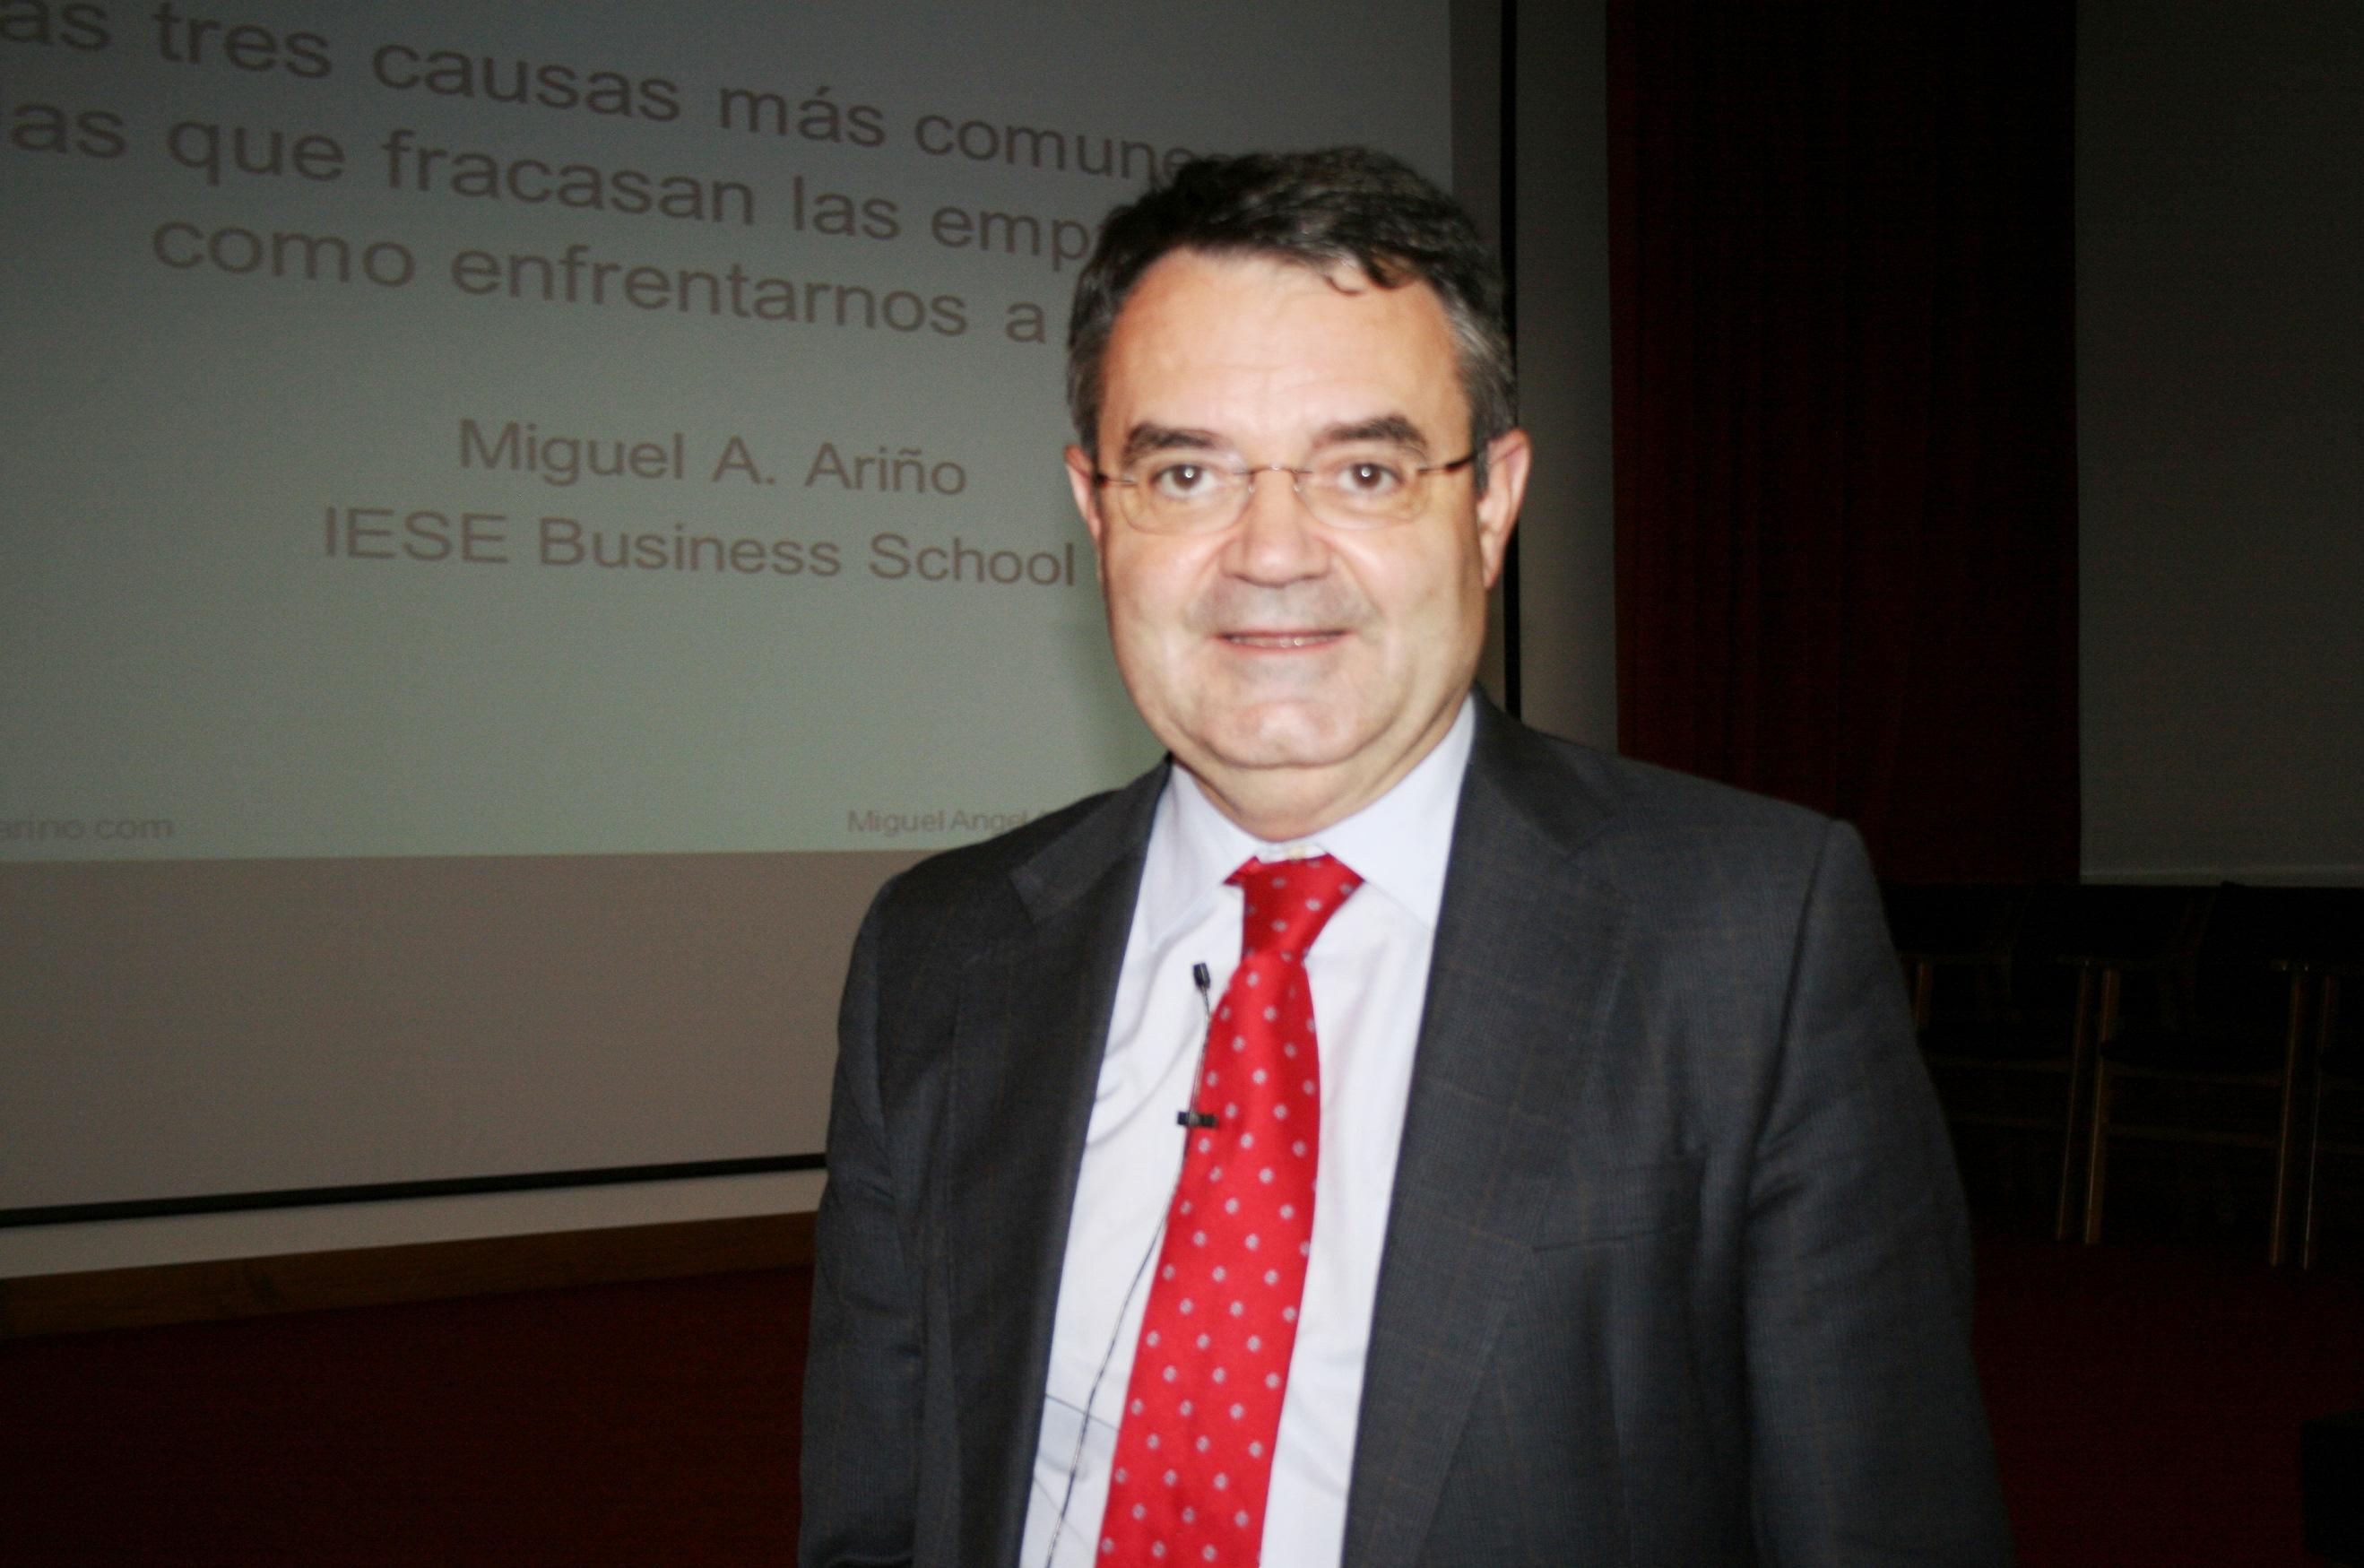 Sesión del Programa de Continuidad del IESE BUSINESS SCHOOL (Escuela de Negocios de la Universidad de Navarra) en el Colegio Mayor